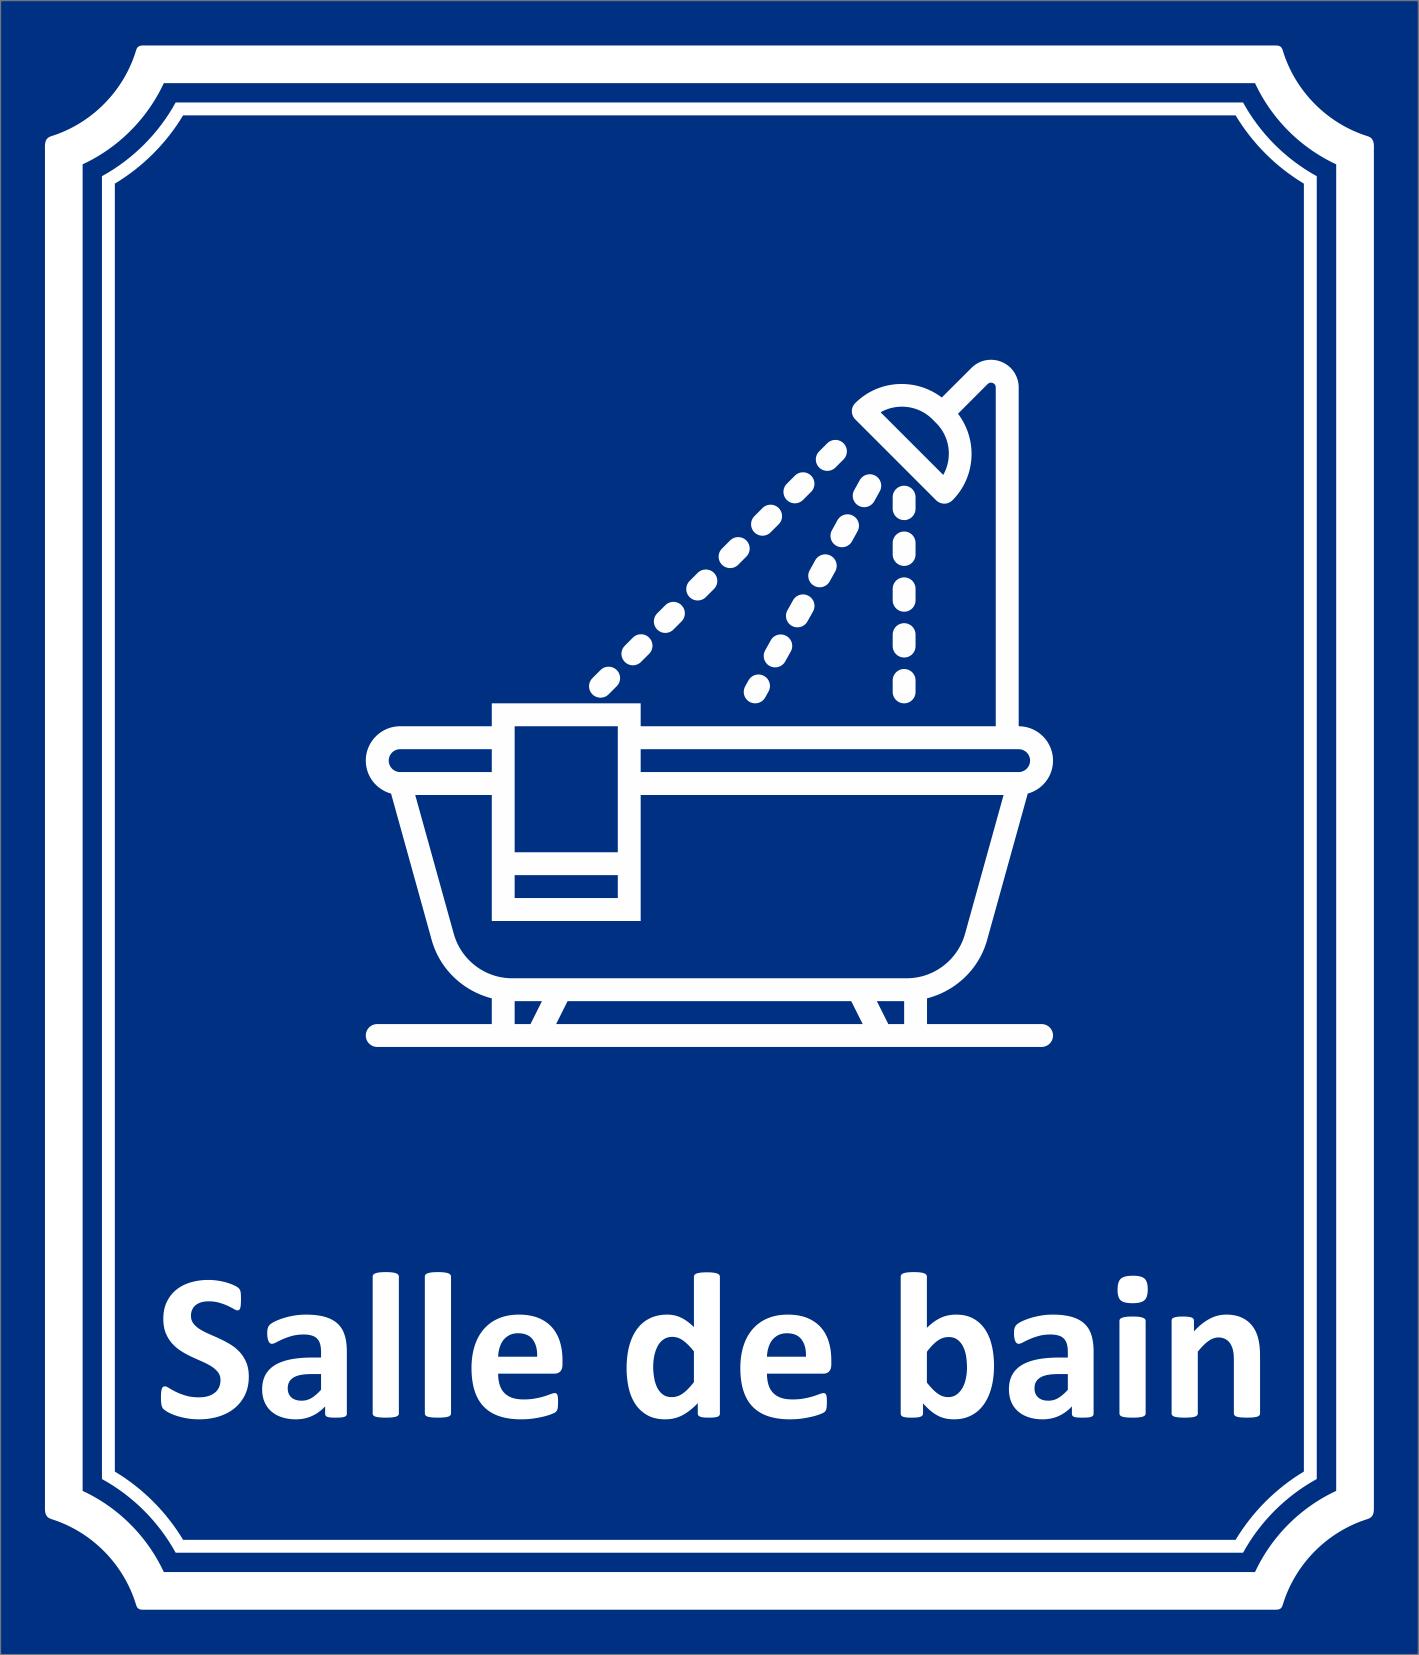 """Salle De Bain Plaque plaque porte """" salle de bain """" en aluminium type côté rue"""